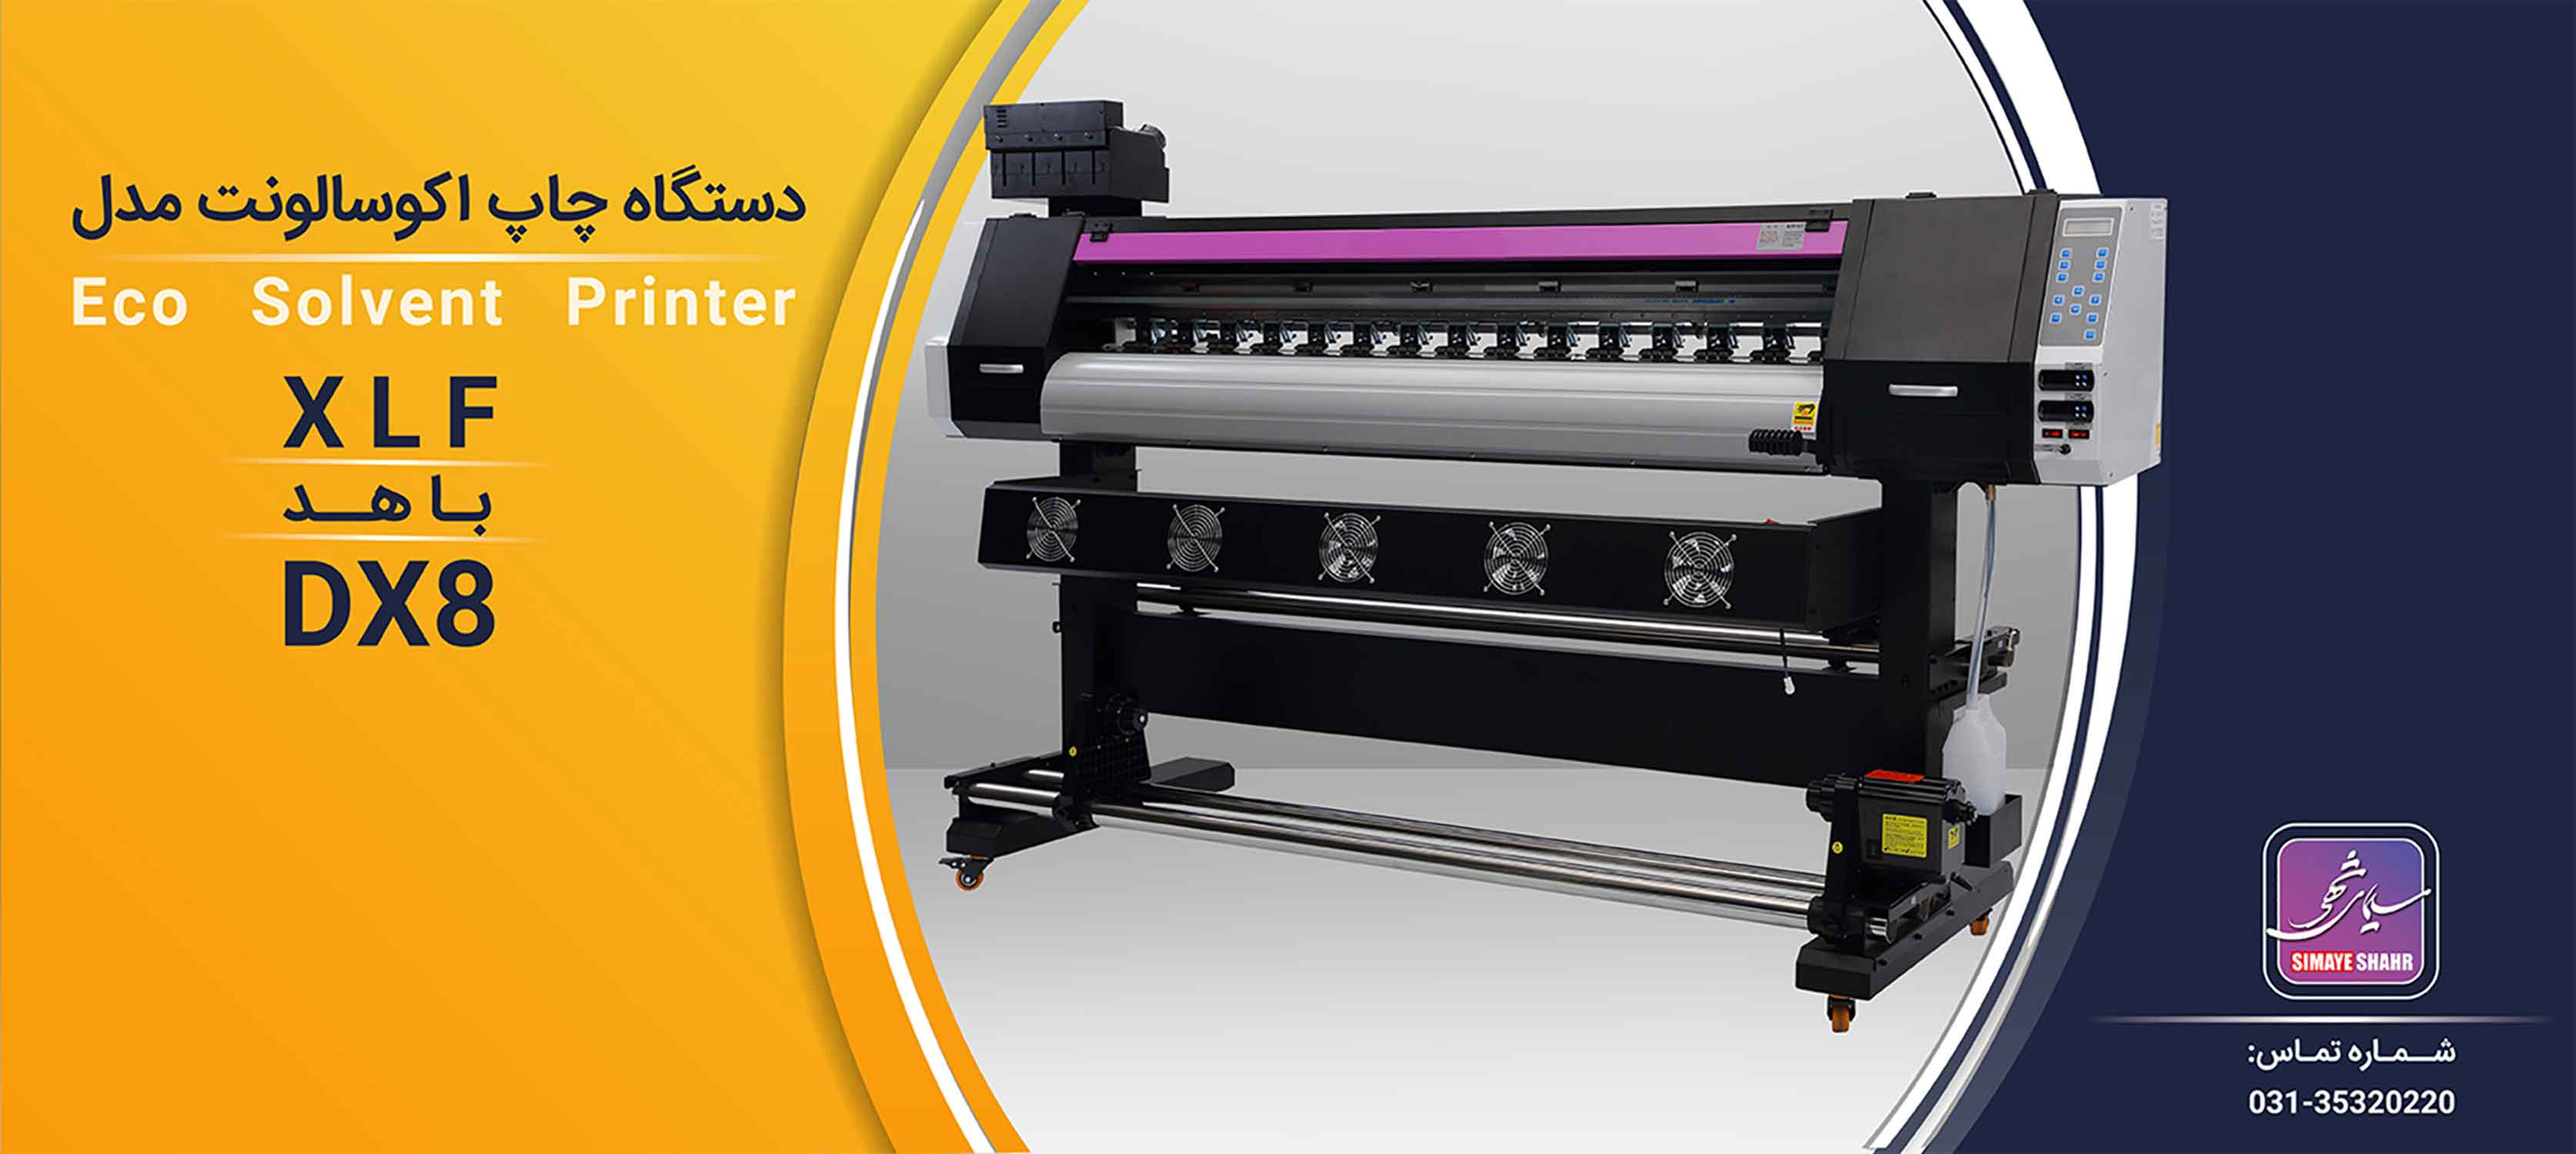 دستگاه چاپ بنر, دستگاه بنر, دستگاه لیزر, دستگاه سی ان سی, قیمت دستگاه لیزر, دستگاه برش لیزر, دستگاه CNC